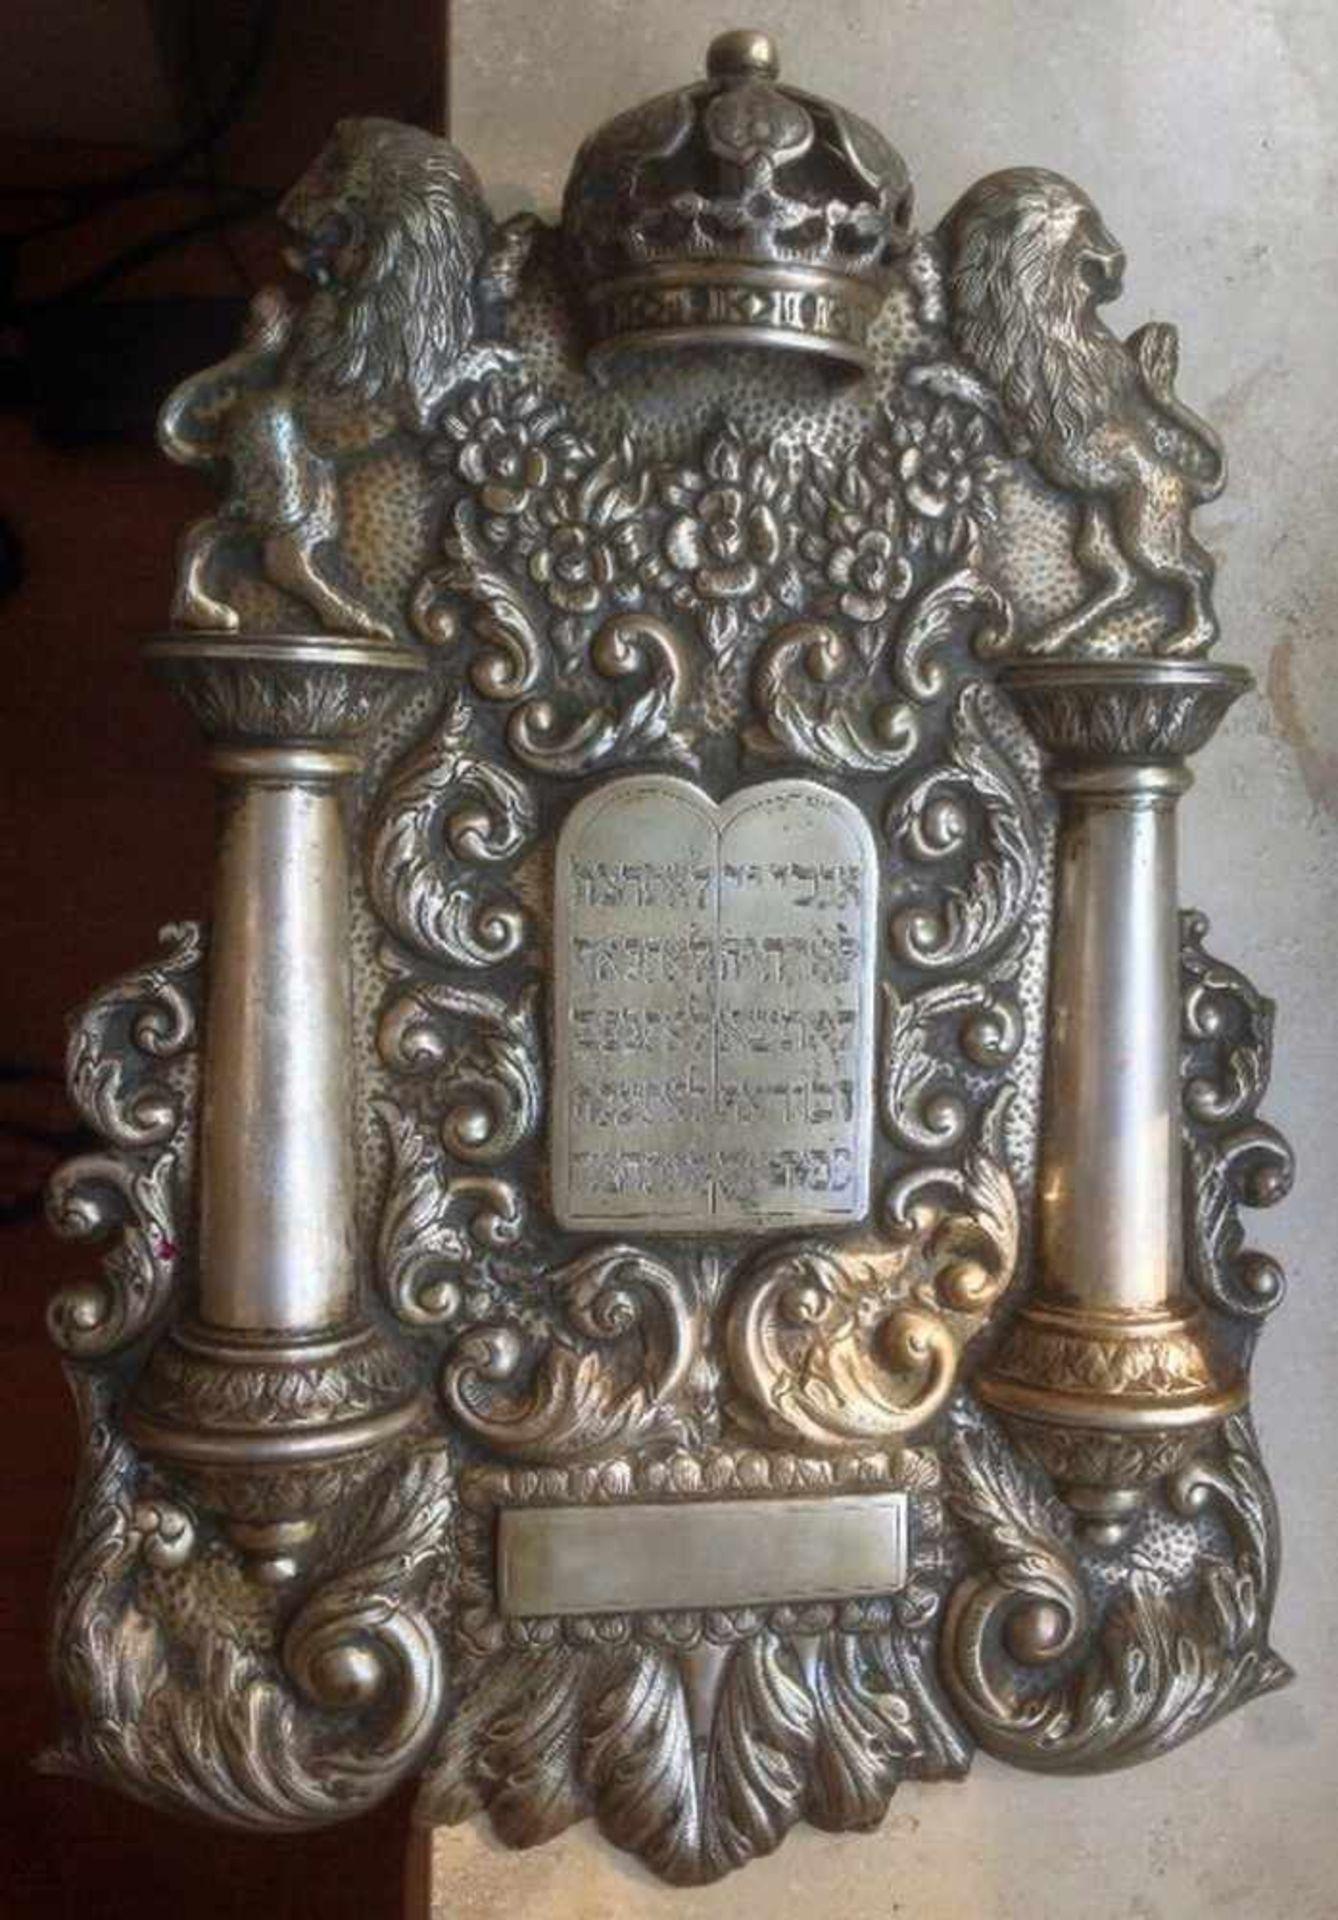 Thoraschild, Deutsch um 1920,Silber 835, Gewicht 1002 g, 39 x 28 cm